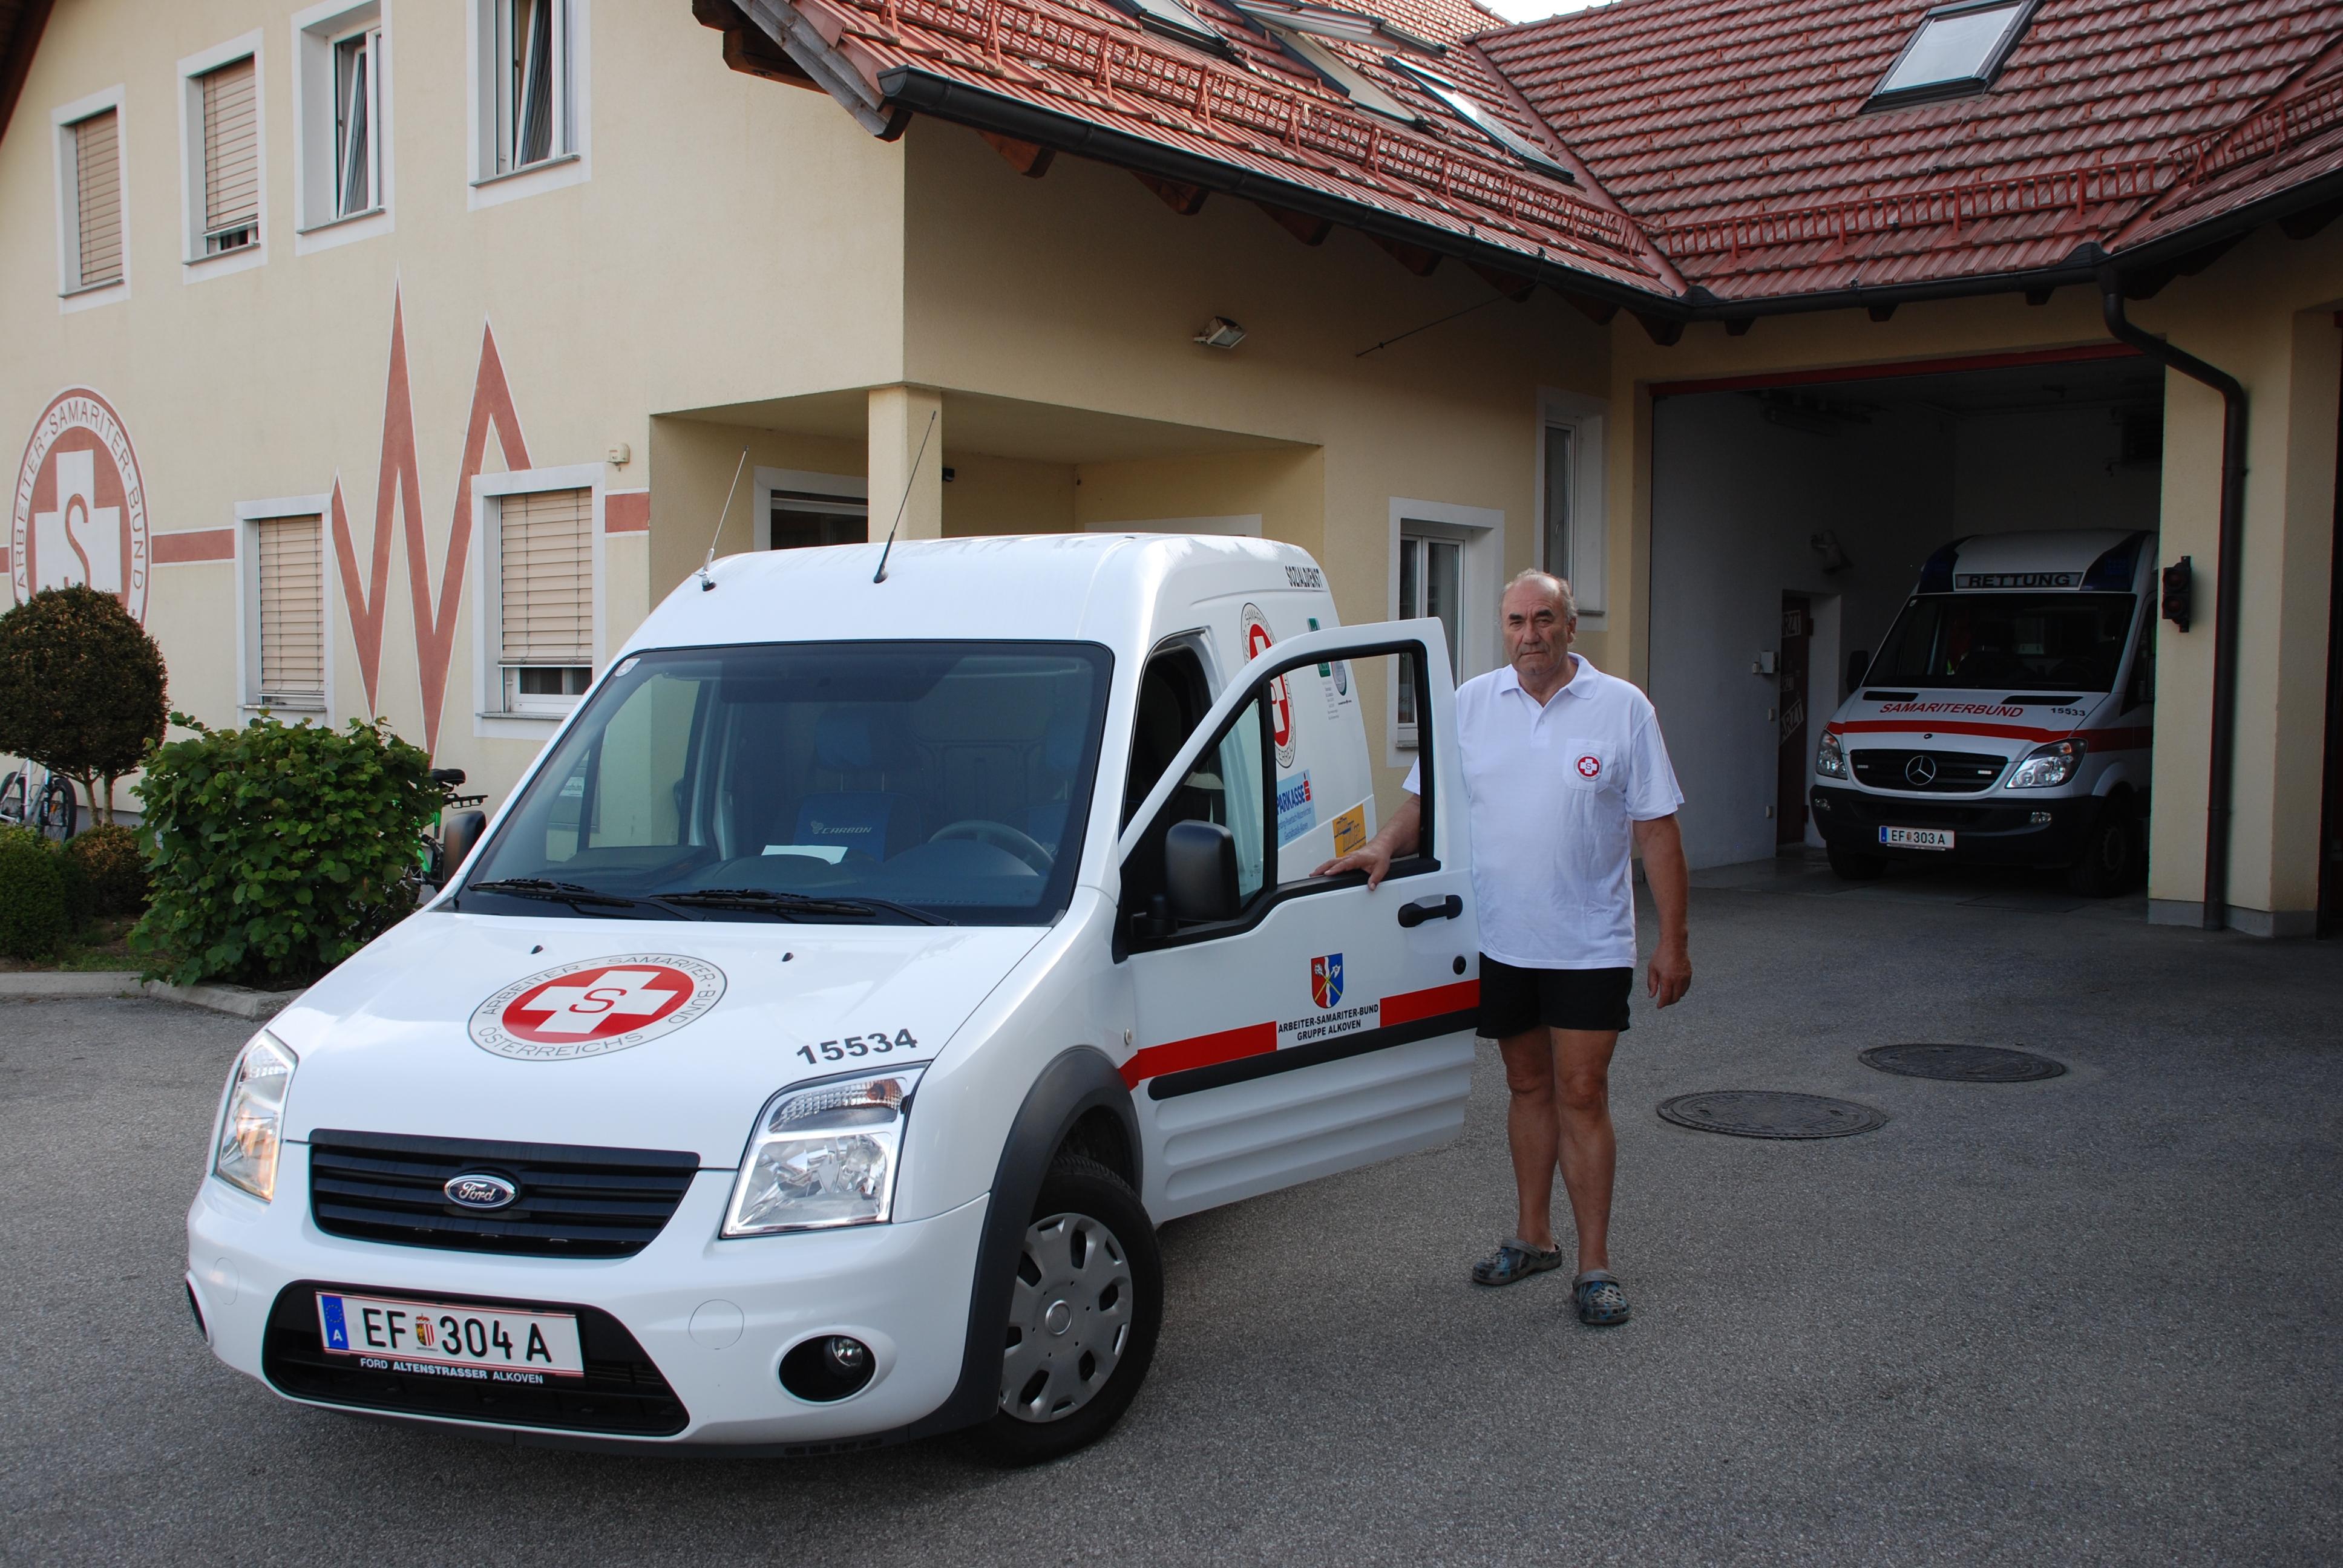 Das Essen auf Räder Fahrzeug 15534 mit dem Bereichsleiter Sozialdienst Weiser Lothar.